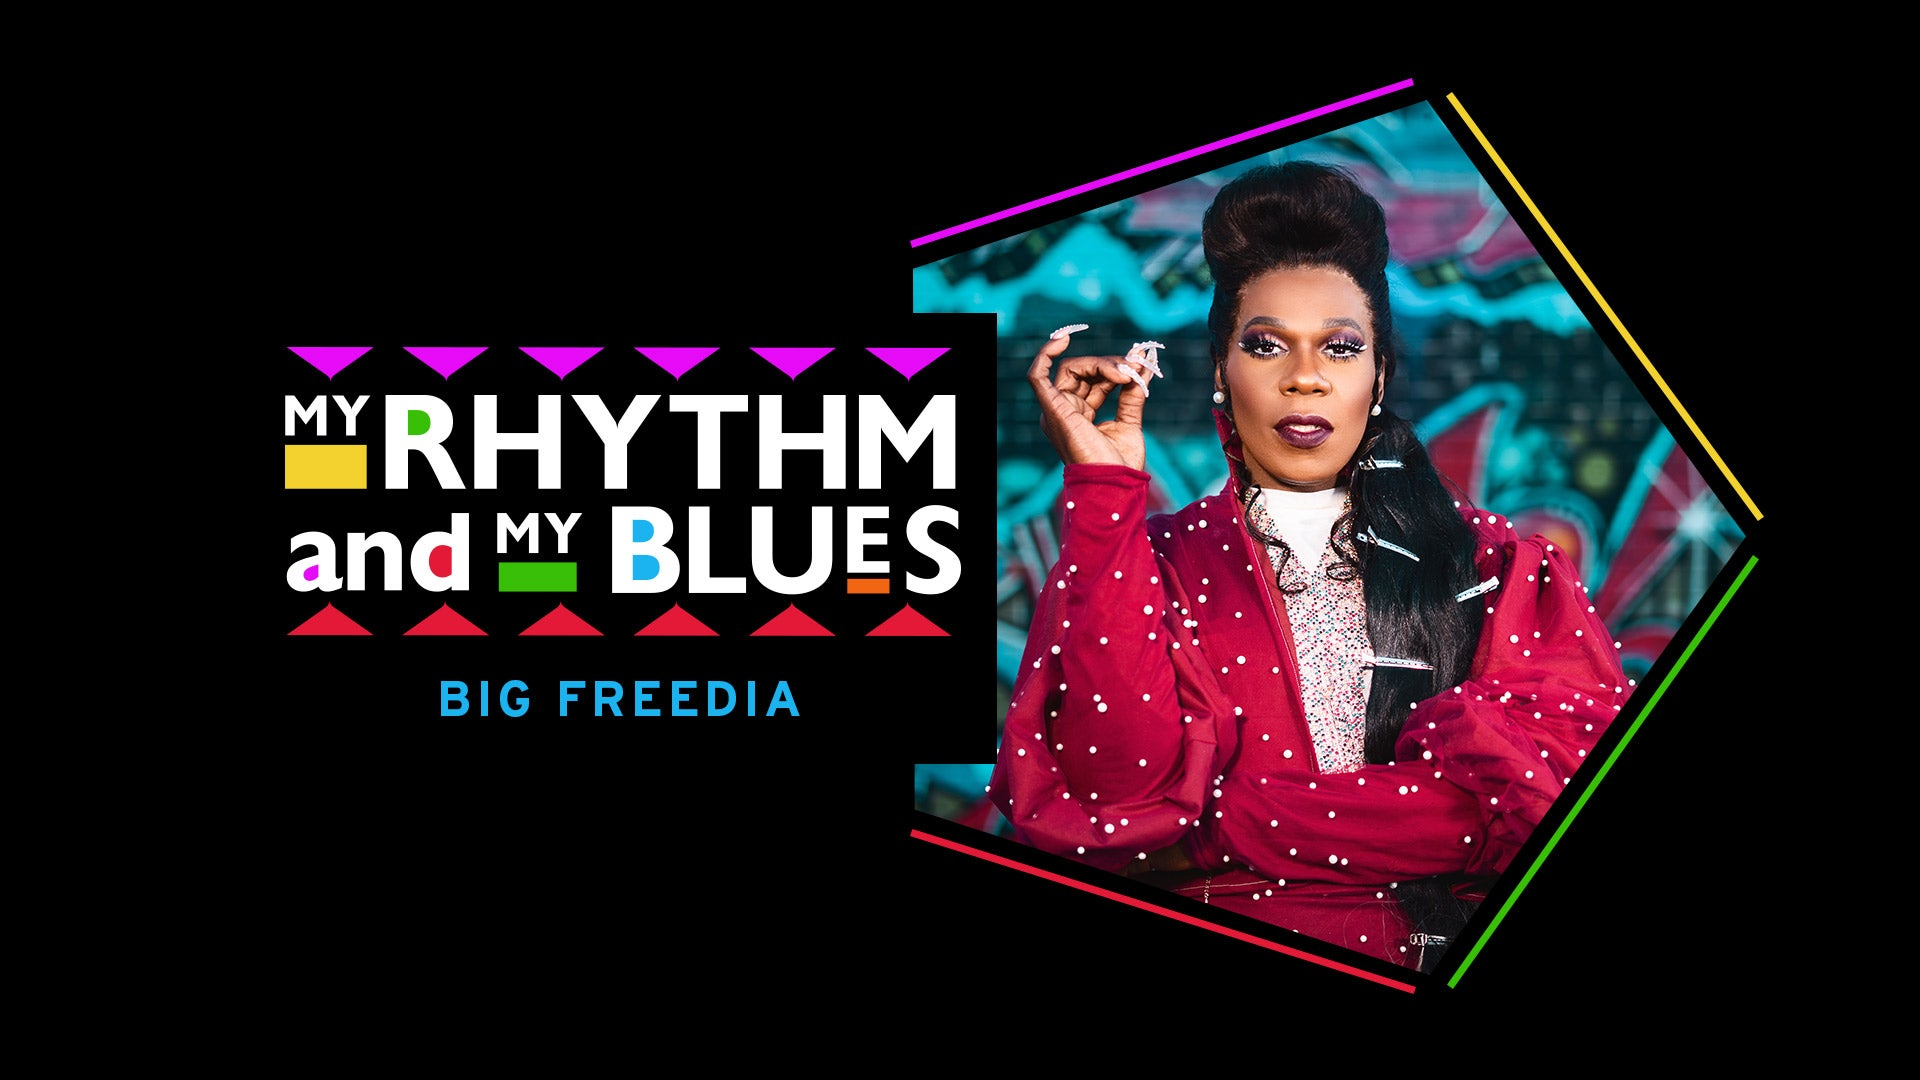 My Rhythm and My Blues: Big Freedia